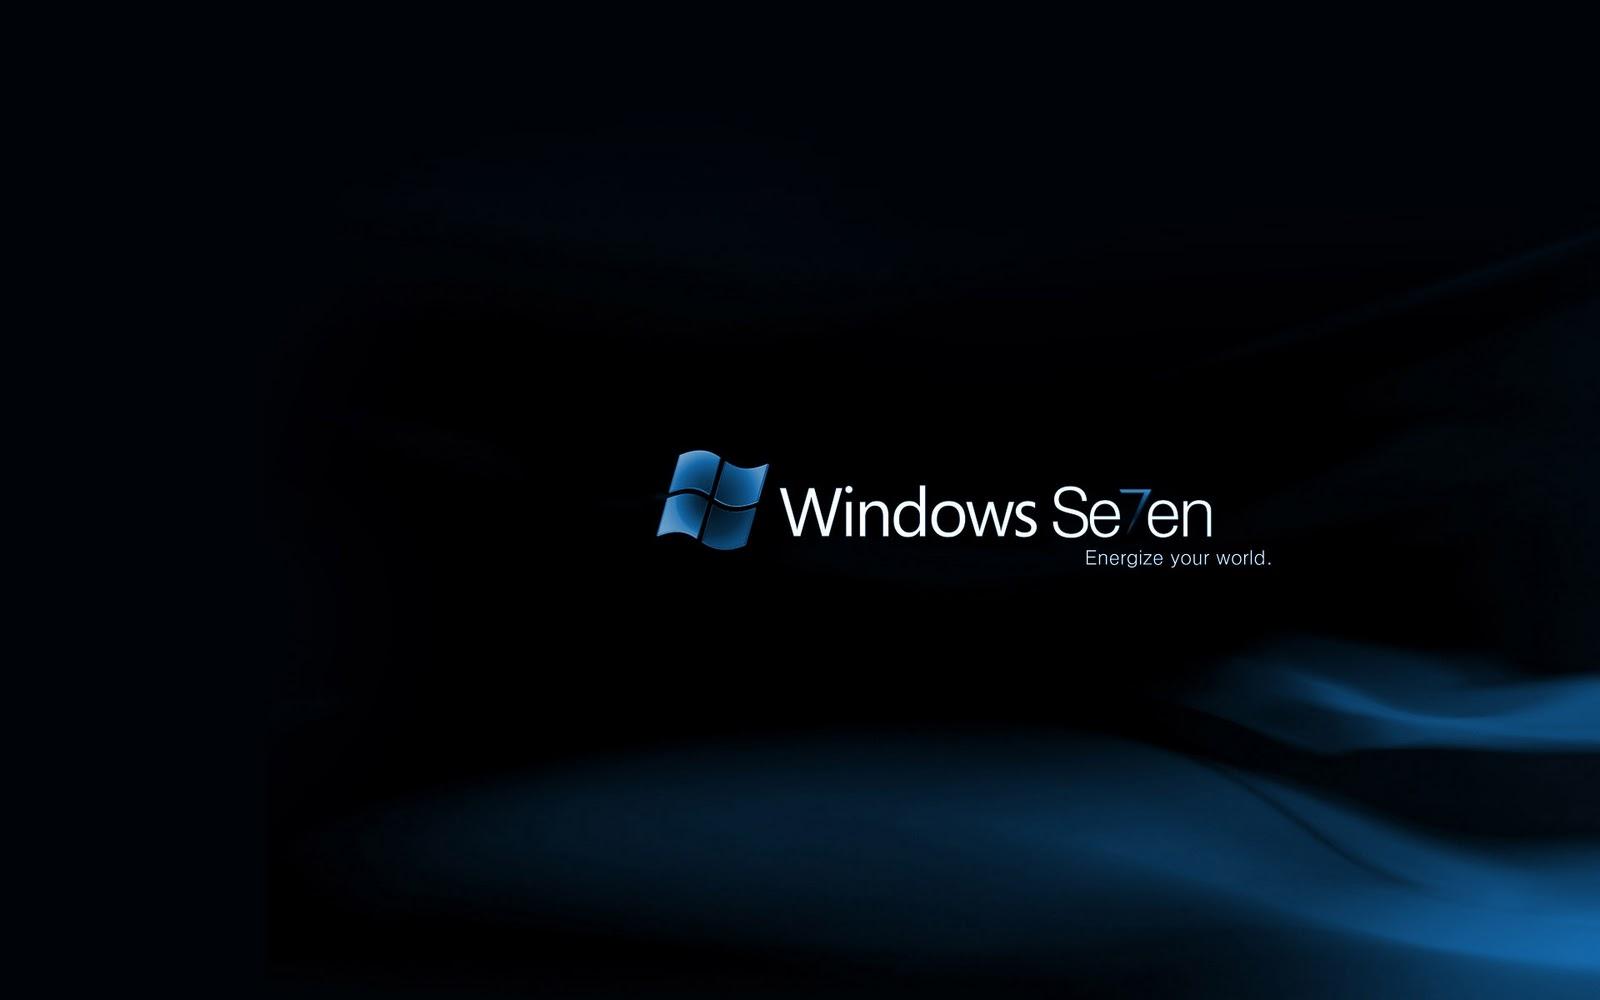 https://4.bp.blogspot.com/_RAlP3BmEW1Q/TQYPAJjz9kI/AAAAAAAACY0/U4cL-VLBuwQ/s1600/The-best-top-desktop-windows-7-wallpapers-5.jpg